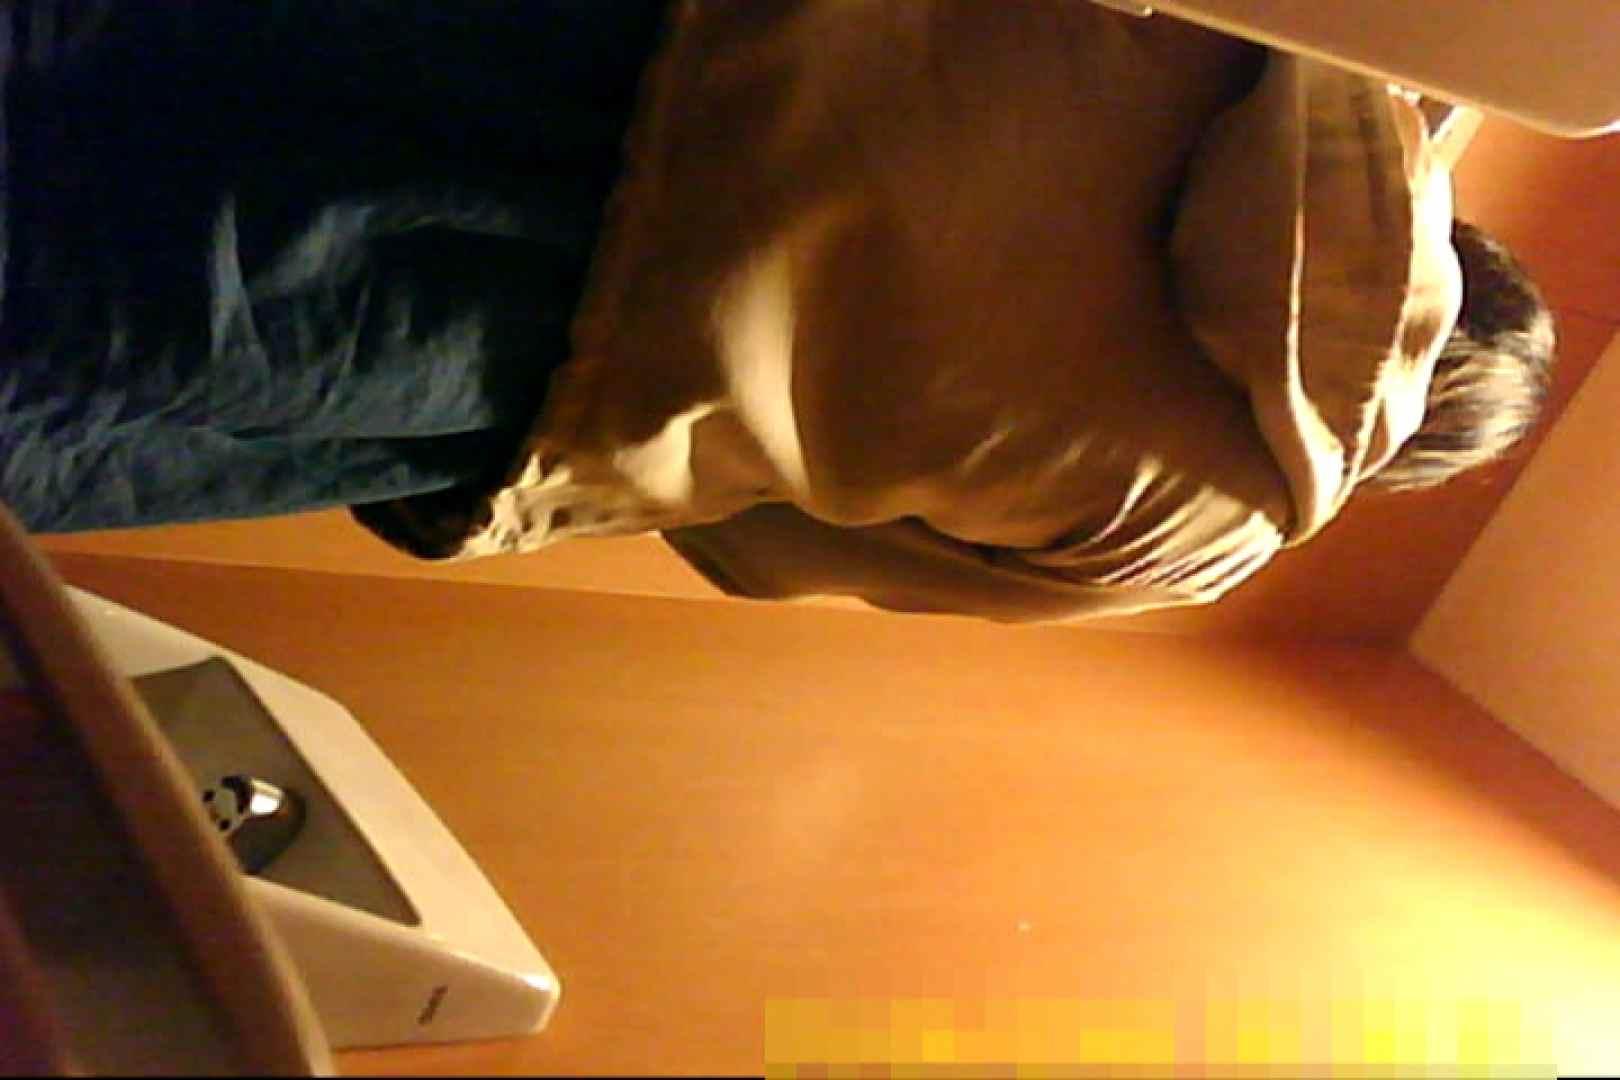 魅惑の化粧室~禁断のプライベート空間~22 盗撮 | チラ  75pic 19